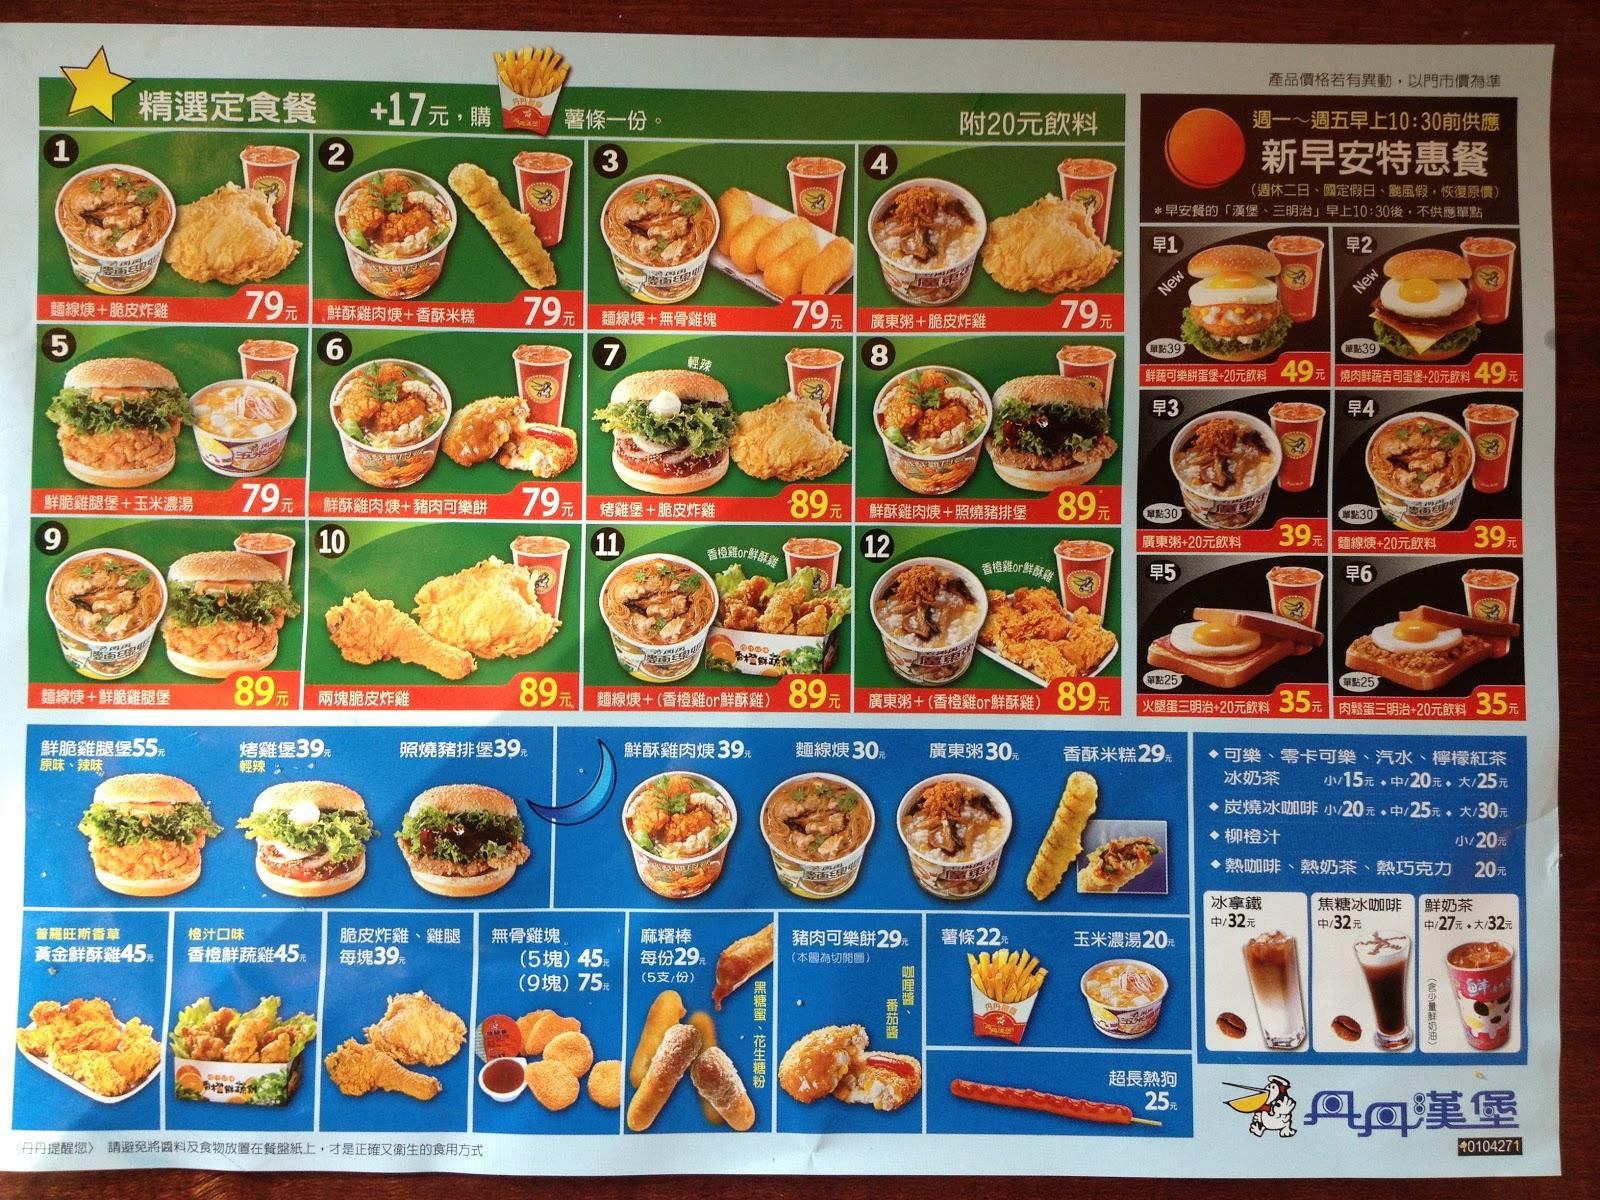 福 臨 門: 高雄丹丹漢堡啵棒